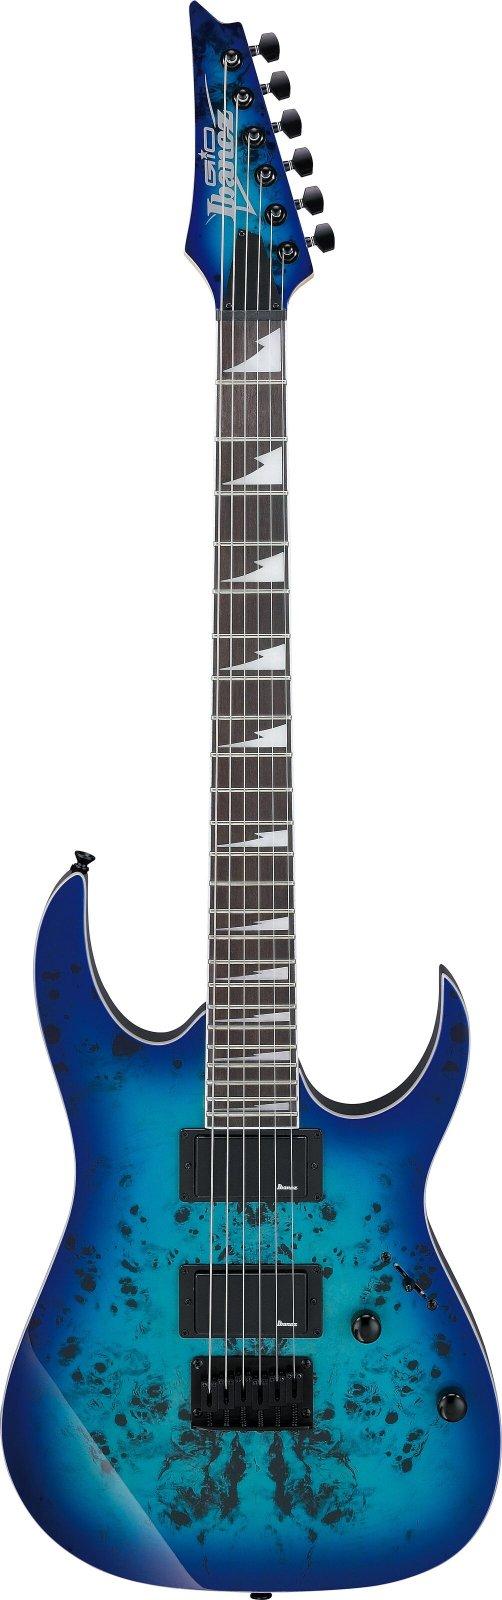 (Pre-Order) Ibanez GRGR221PAAQB Gio Electric Guitar - Aqua Burst